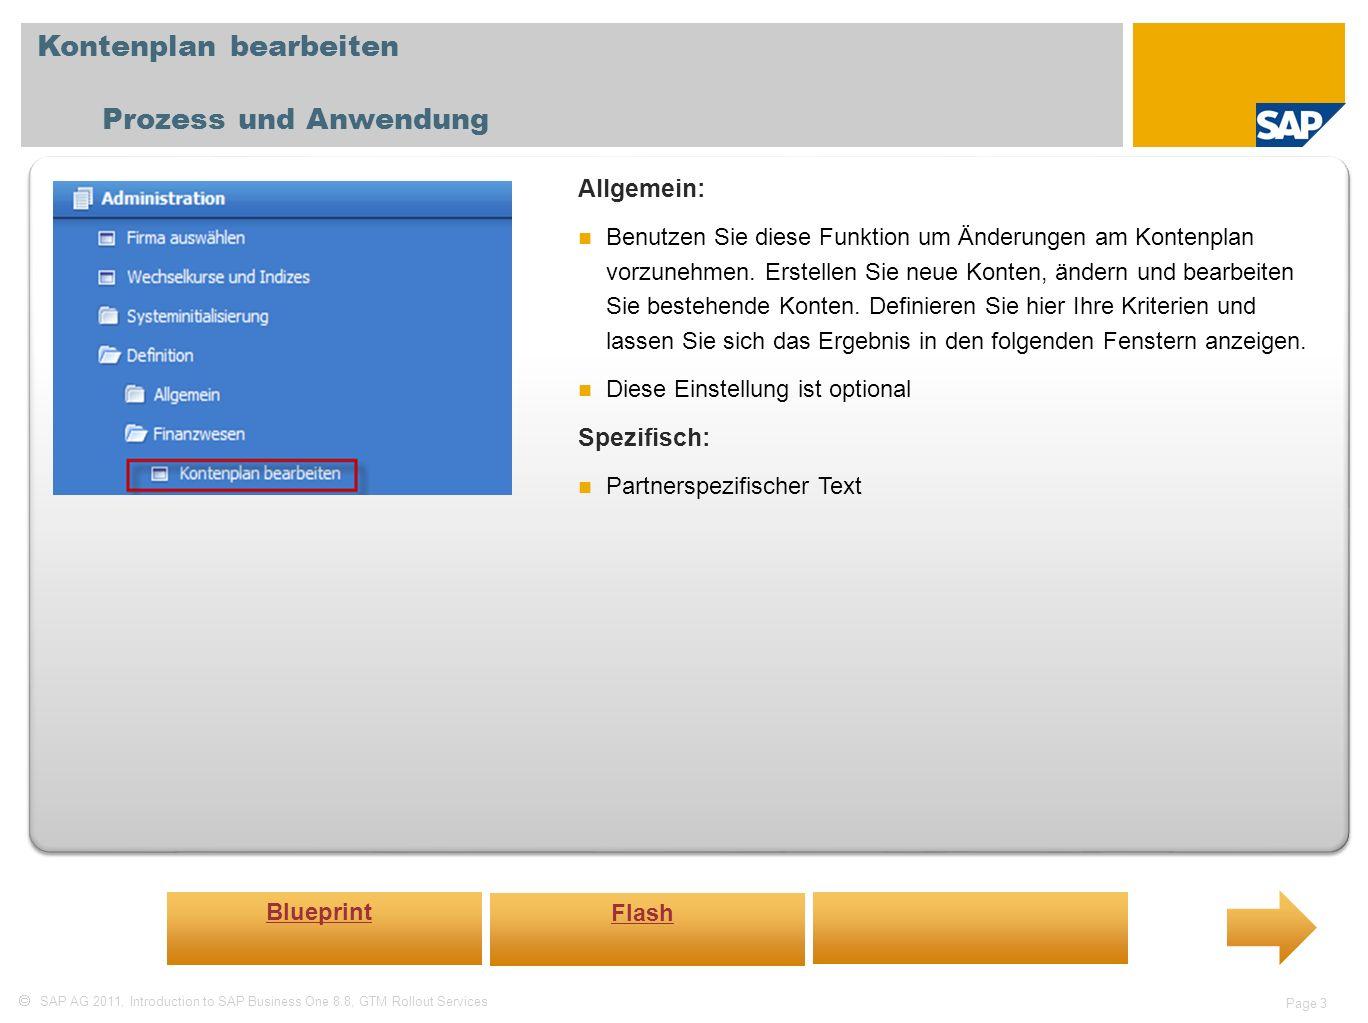 SAP AG 2011, Introduction to SAP Business One 8.8, GTM Rollout Services Page 4 Kontenfindung Sachkonten Prozess und Anwendung Allgemein: In diesem Fenster können Sie die Standardsachkonten für in SAP Business One erstellte Transaktionen definieren.